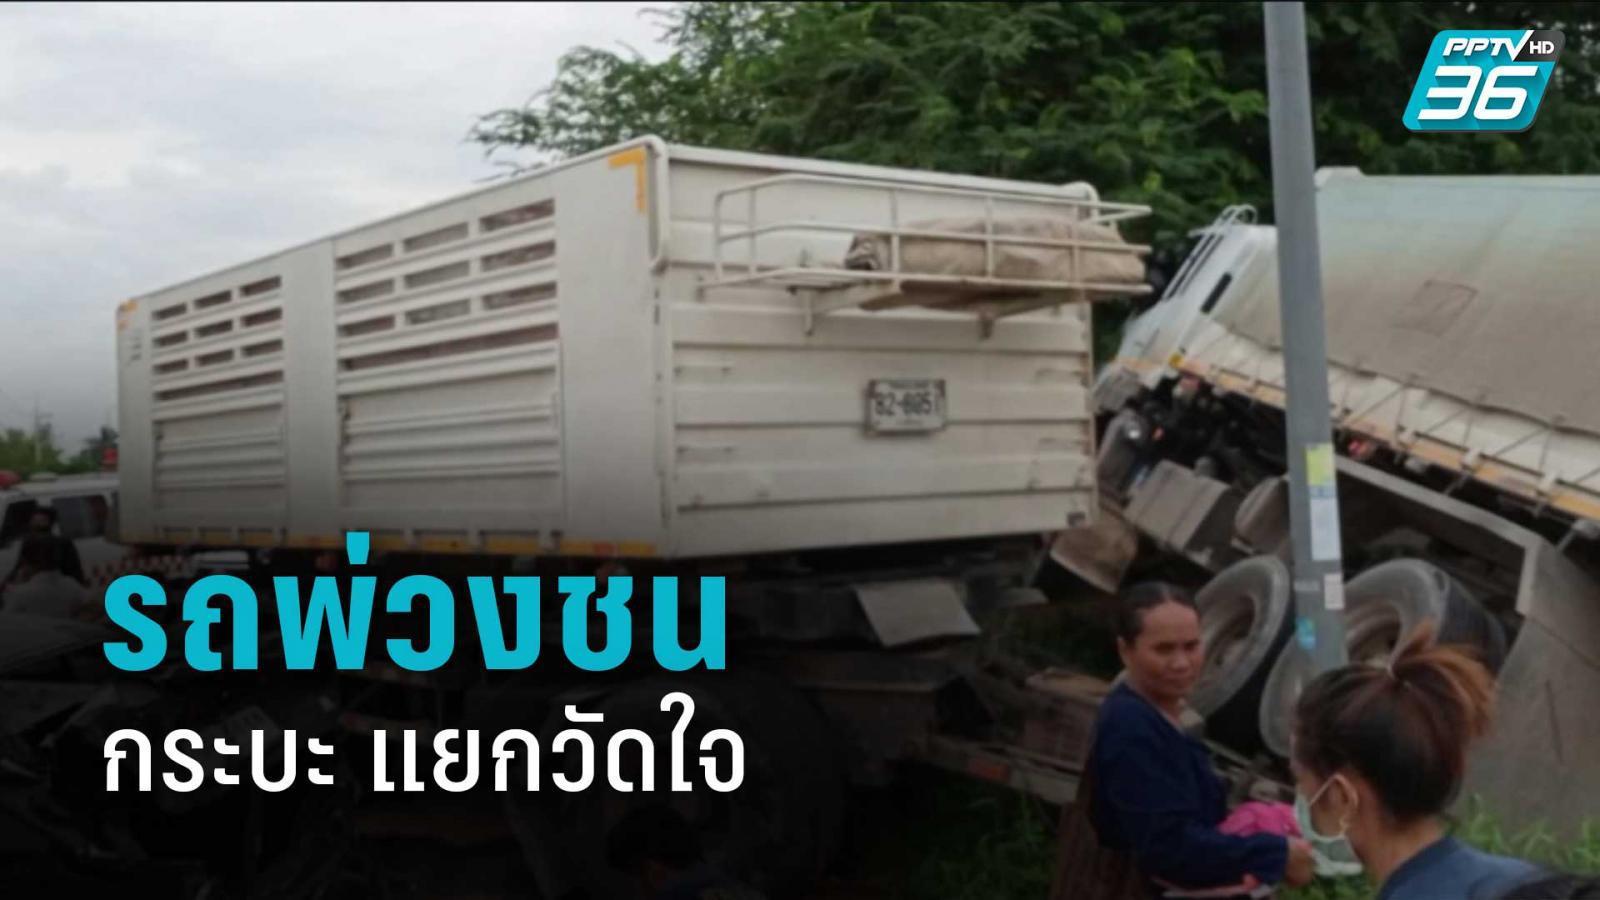 วงจรปิดจับภาพอุบัติเหตุรถพ่วงชนกระบะแยกวัดใจ